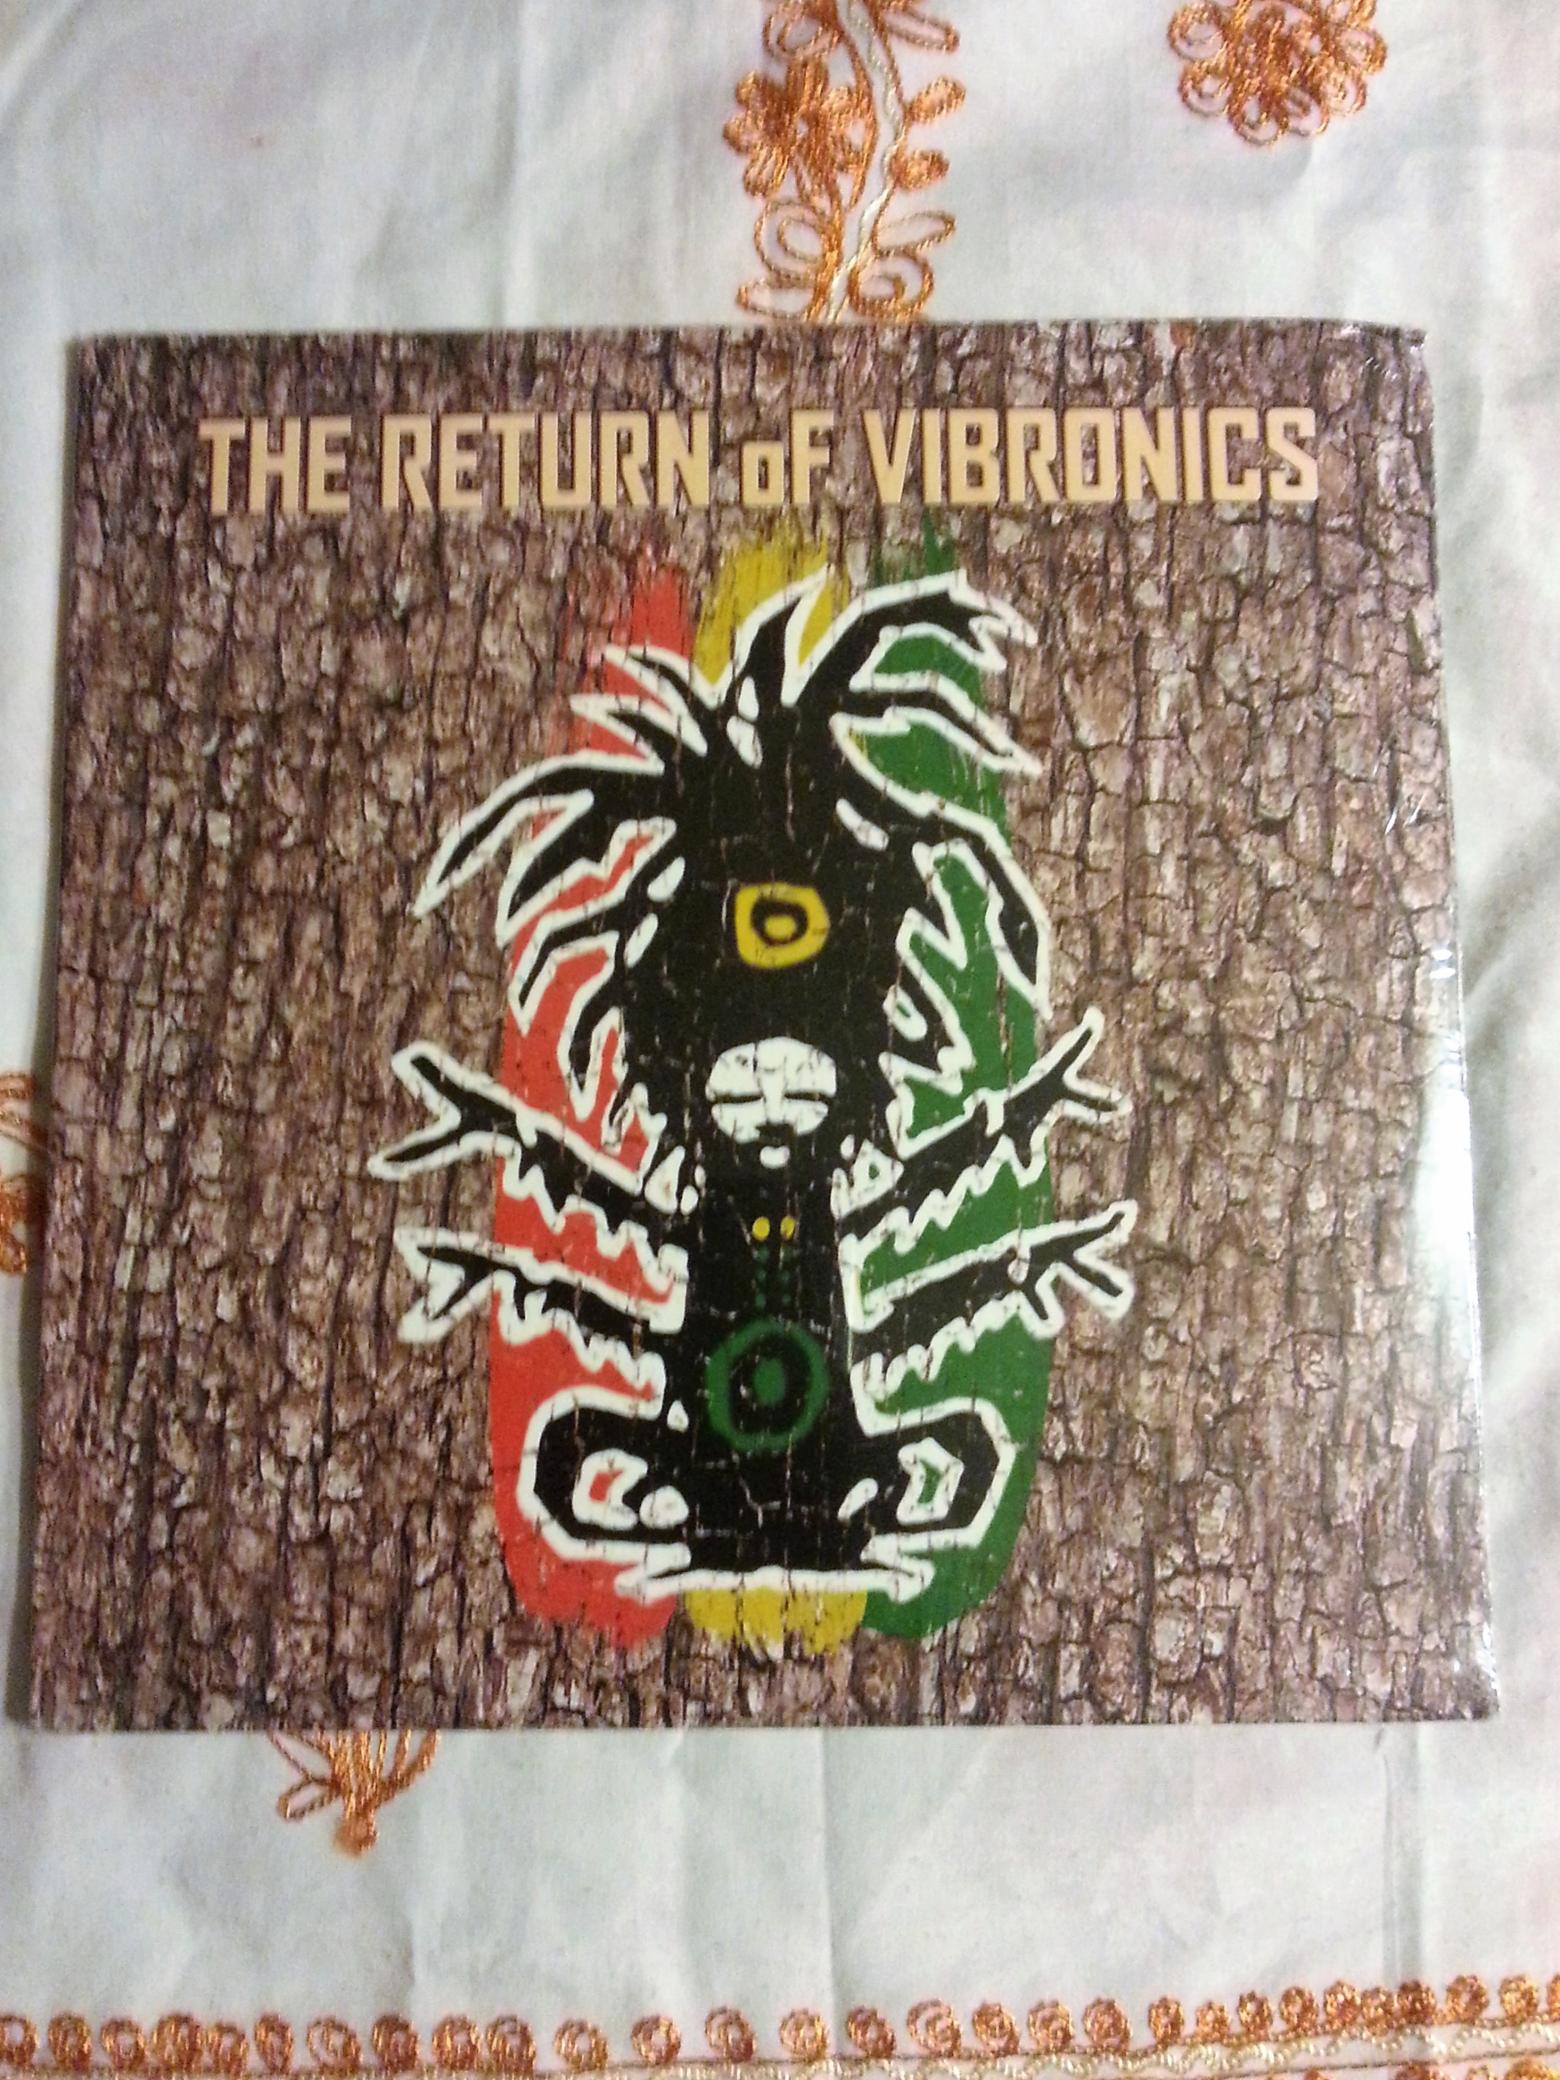 THE RETURN OF VIBRONICS